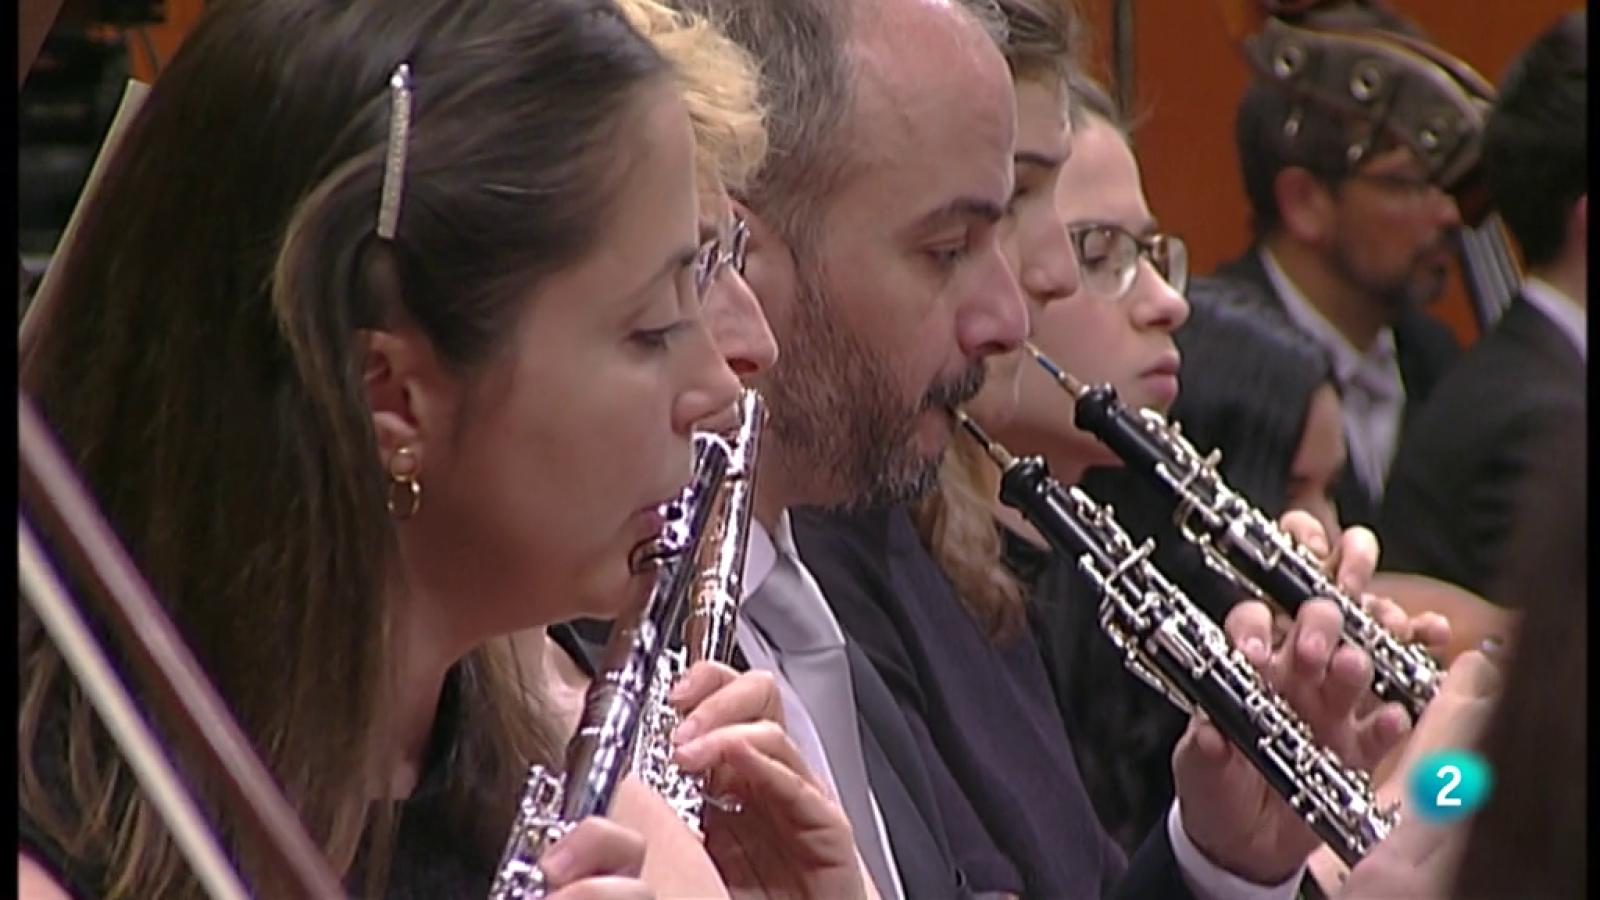 Los Conciertos de La2 - Orquesta Sinfónica y Coro RTVE: Concierto en Familia (Parte 2)